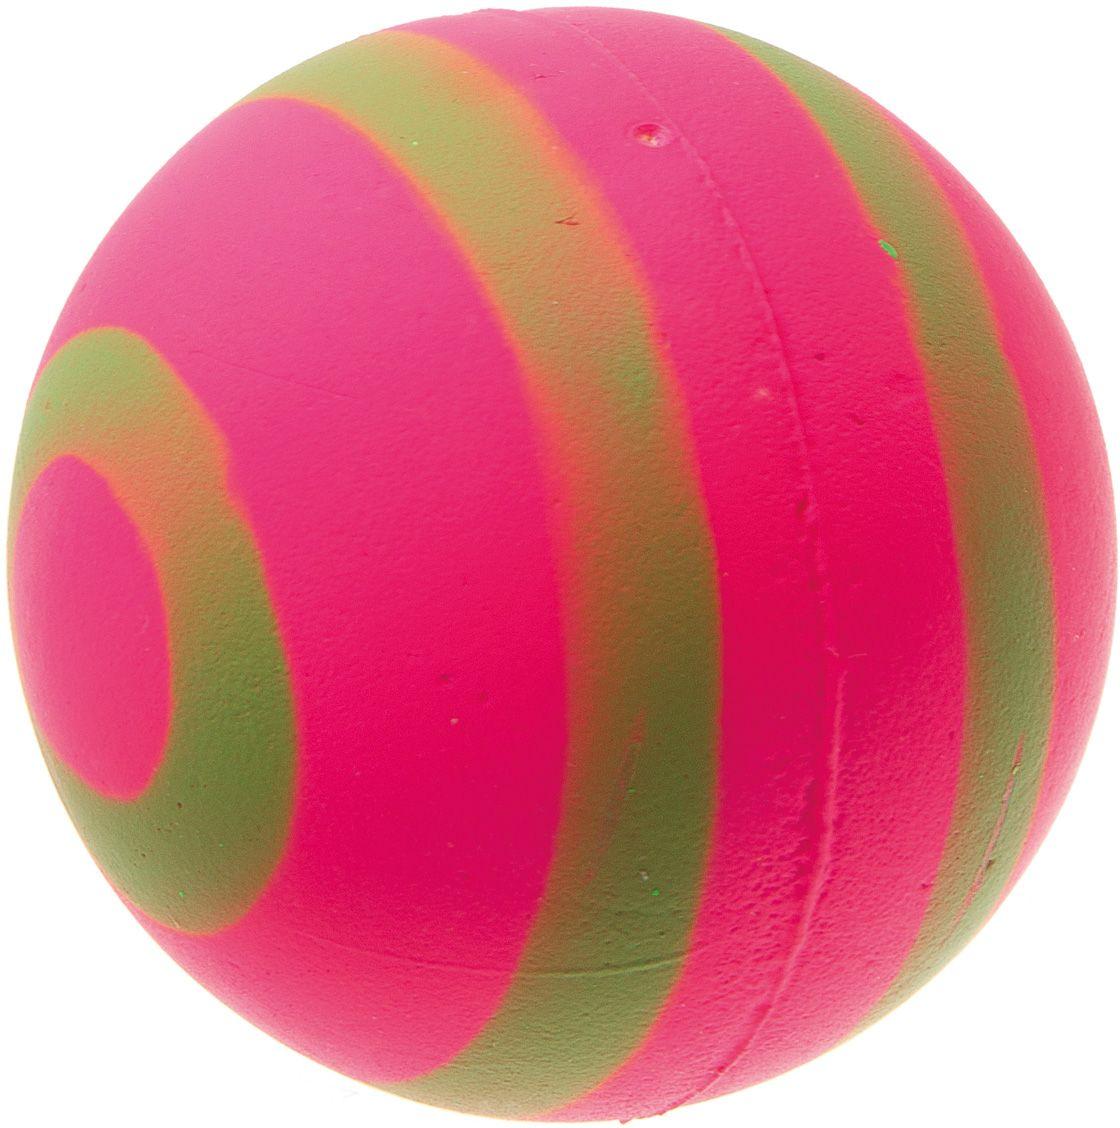 Мяч V.I.Pet Неон, цвет: розовый, зеленый, диаметр 63 мм. 20-112420-1124Мяч V.I.Pet Неон предназначен для игр, тренировок и активного отдыха с животными. Мяч заинтересует и увлечет вашего питомца. Сделана из абсолютно безопасного и качественного материала. Материал: вспененная резина.